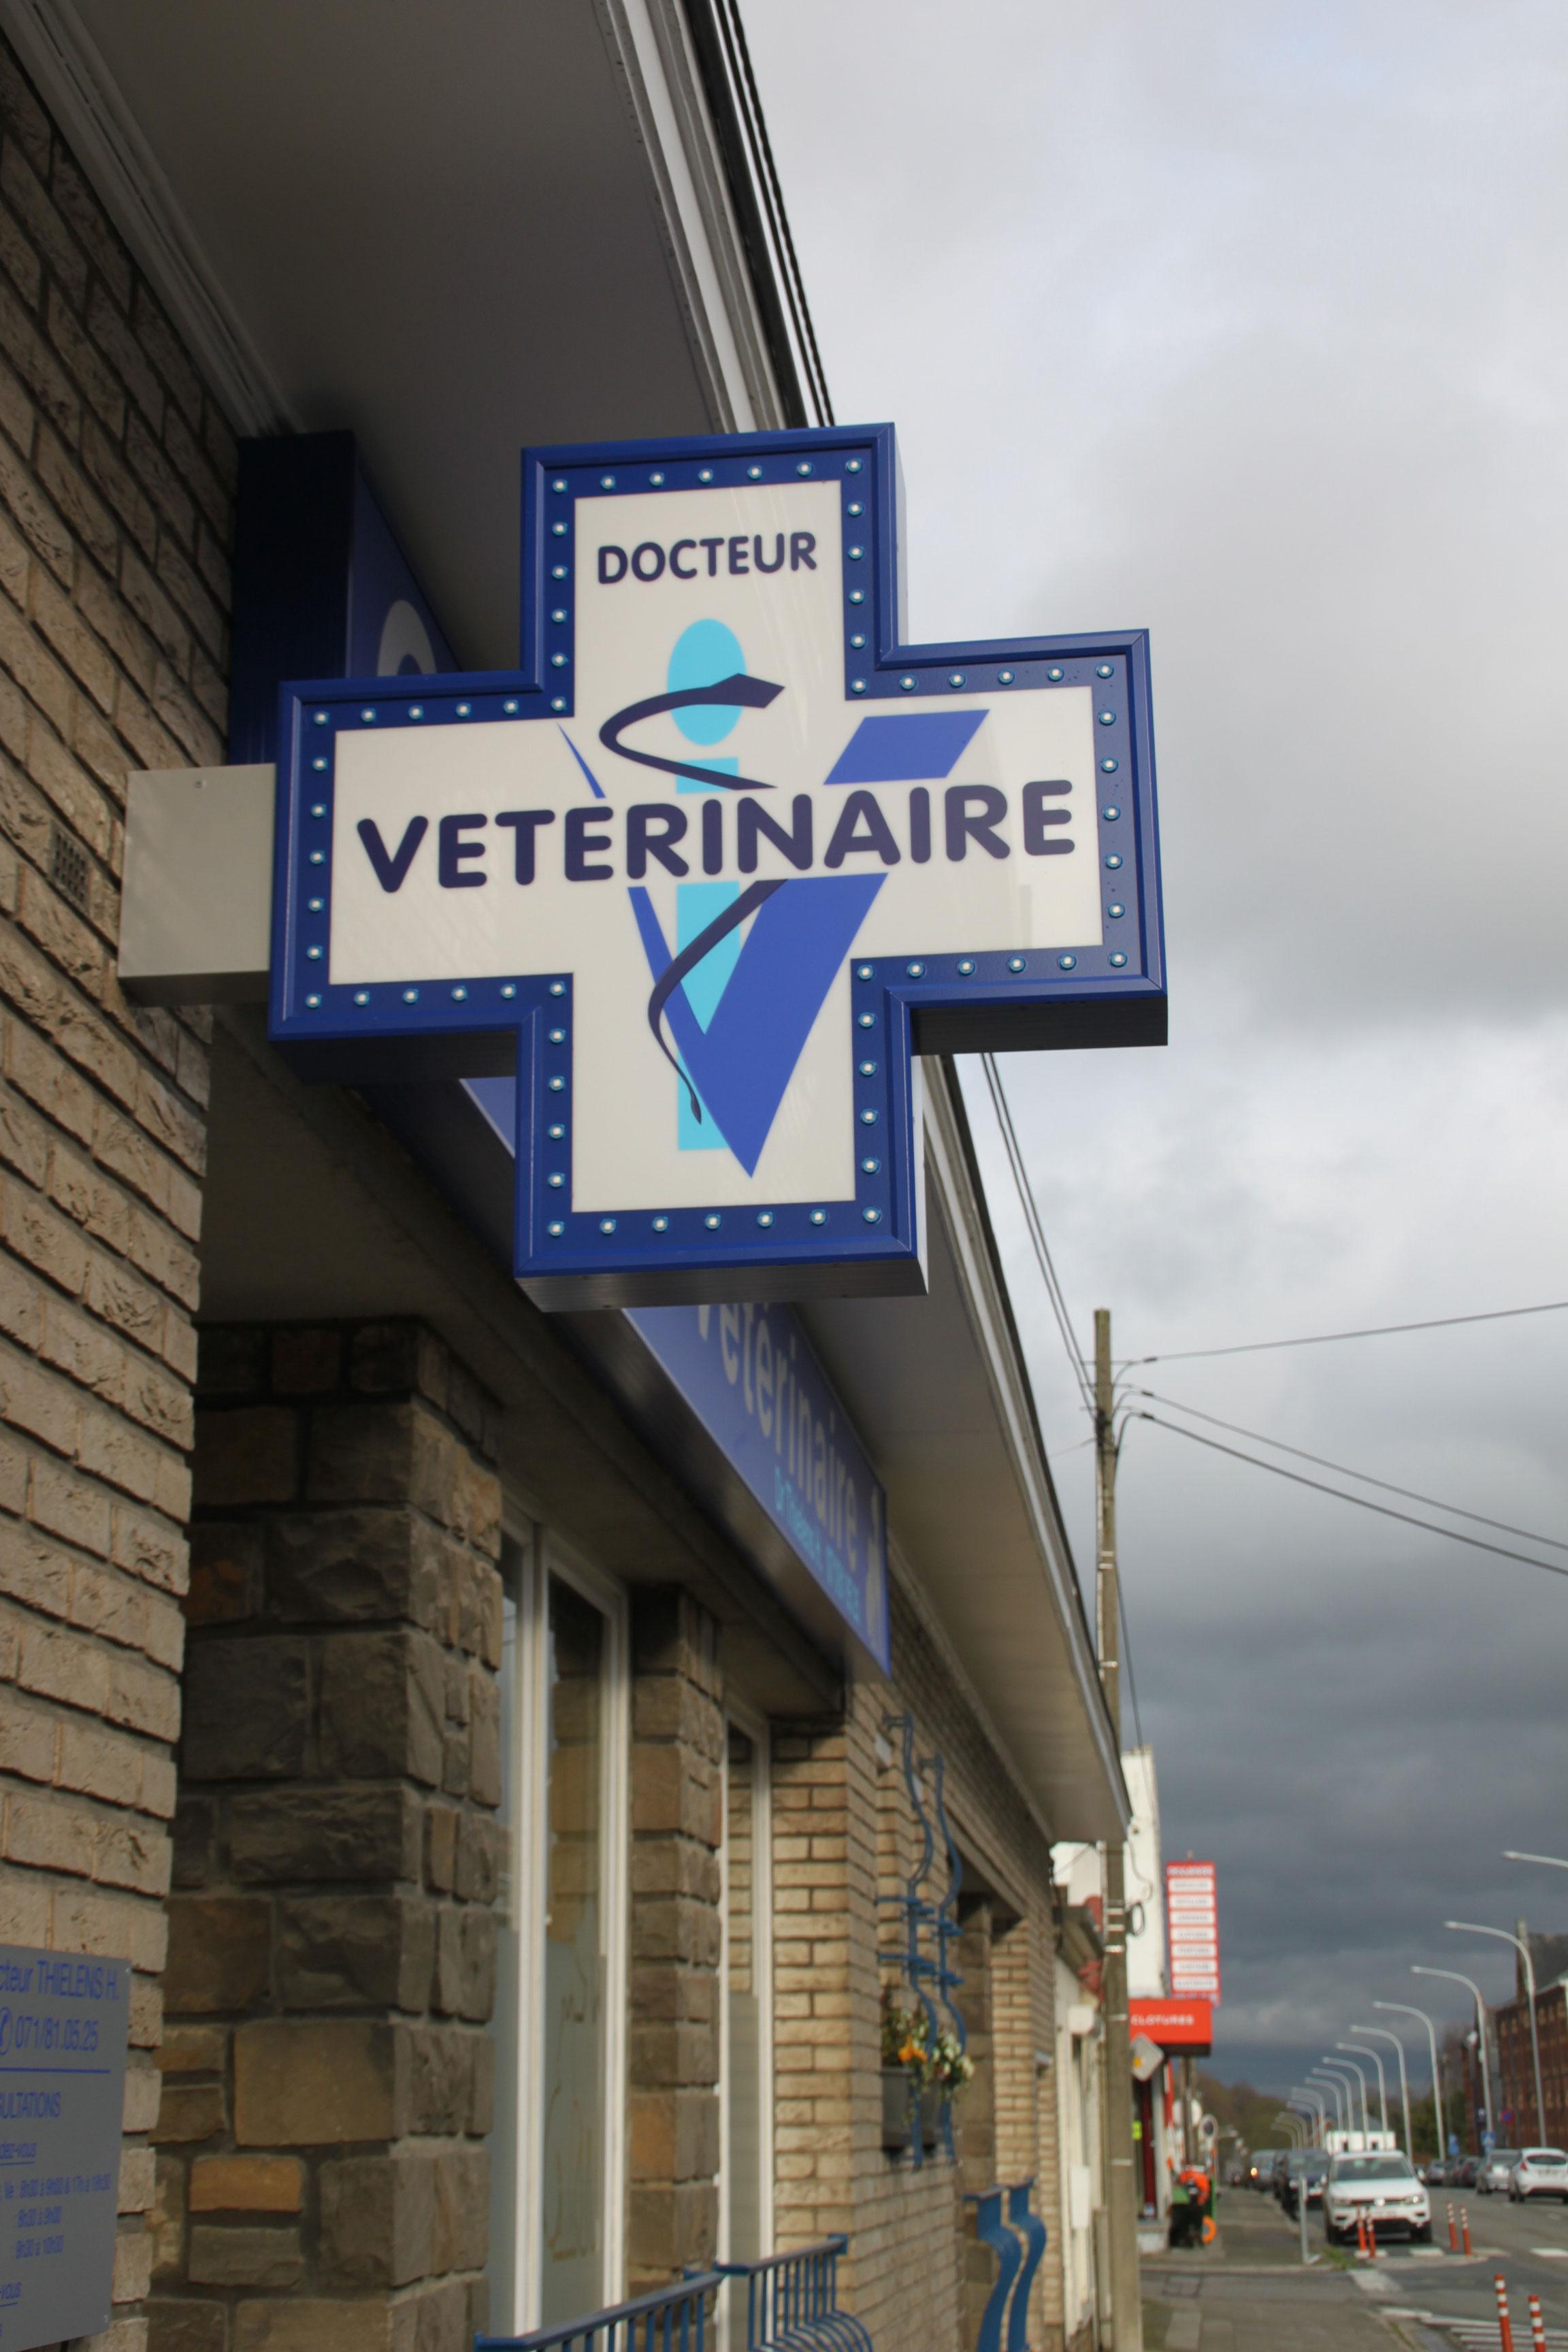 Enseigne et croix de pharmacie vétérinaire